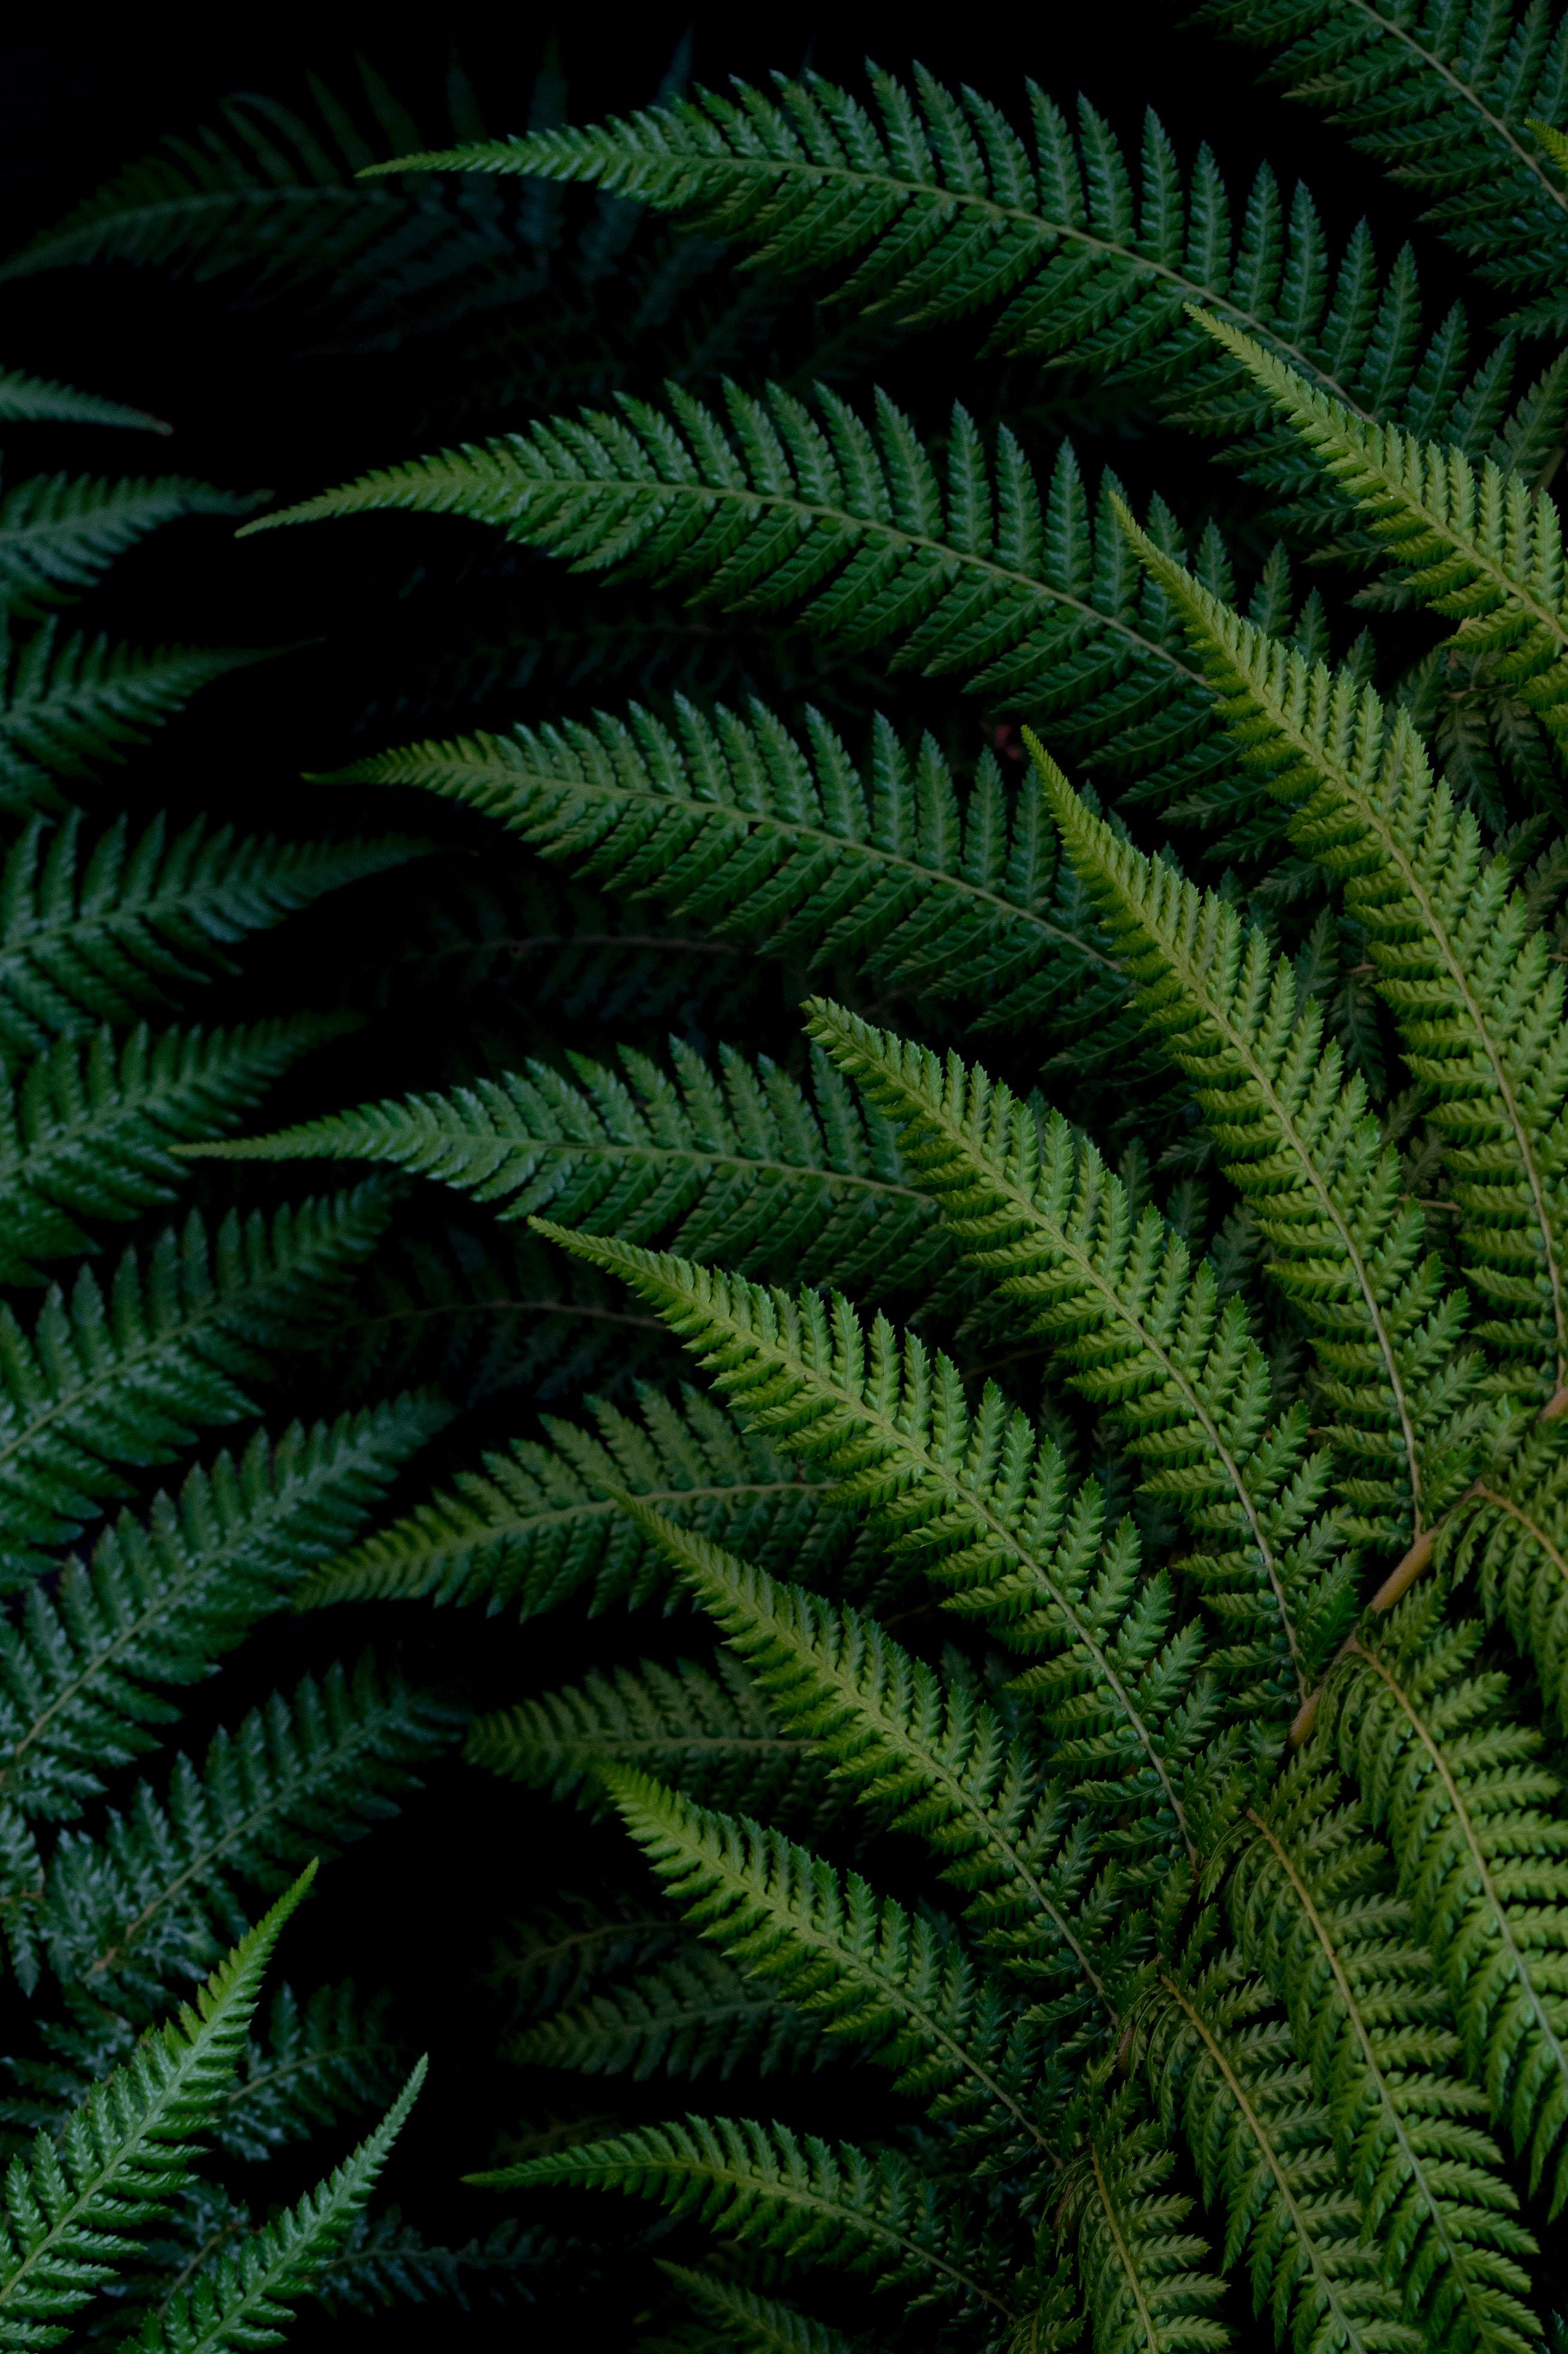 125536 скачать обои Макро, Папоротник, Листья, Зеленый, Растение - заставки и картинки бесплатно